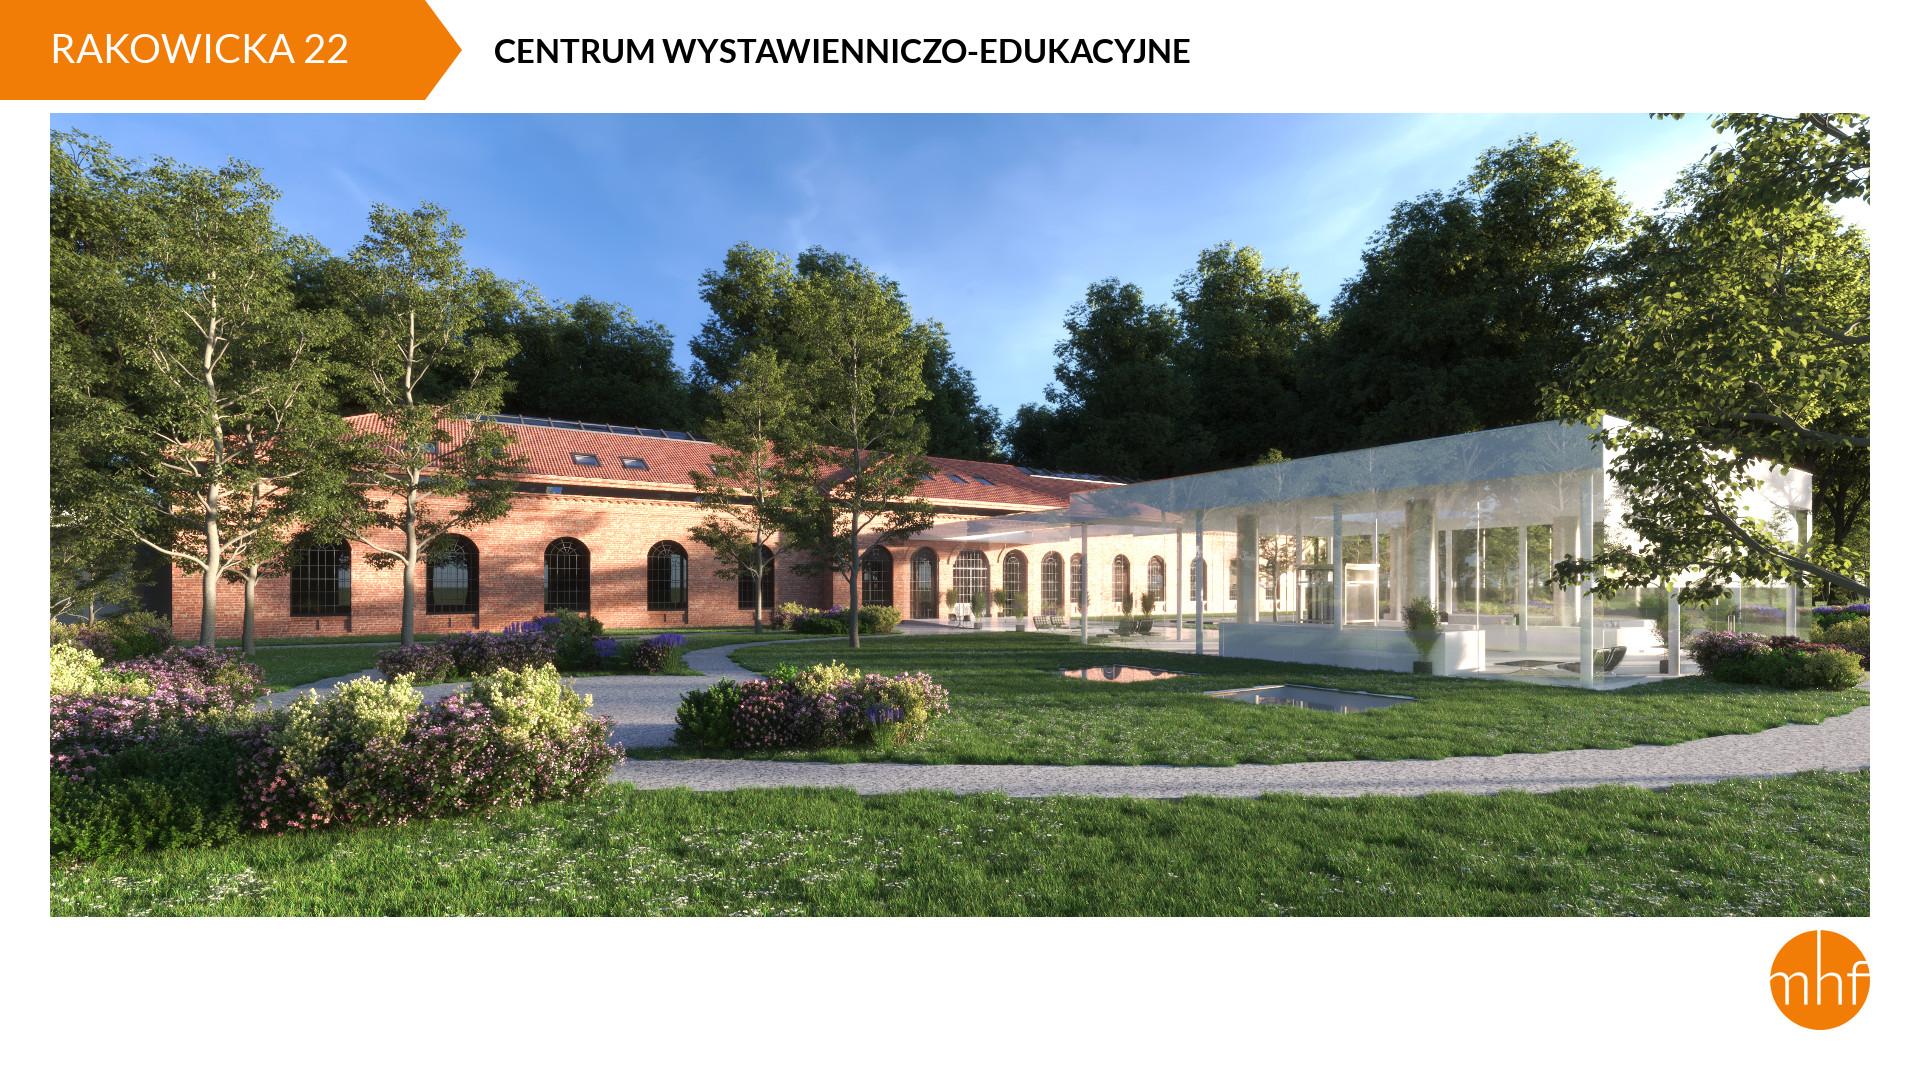 Centrum wystawienniczo-edukacyjne MHF, proj. LACHMAN PABICH ARCHITEKCI (źródło: materiały prasowe organizatora)